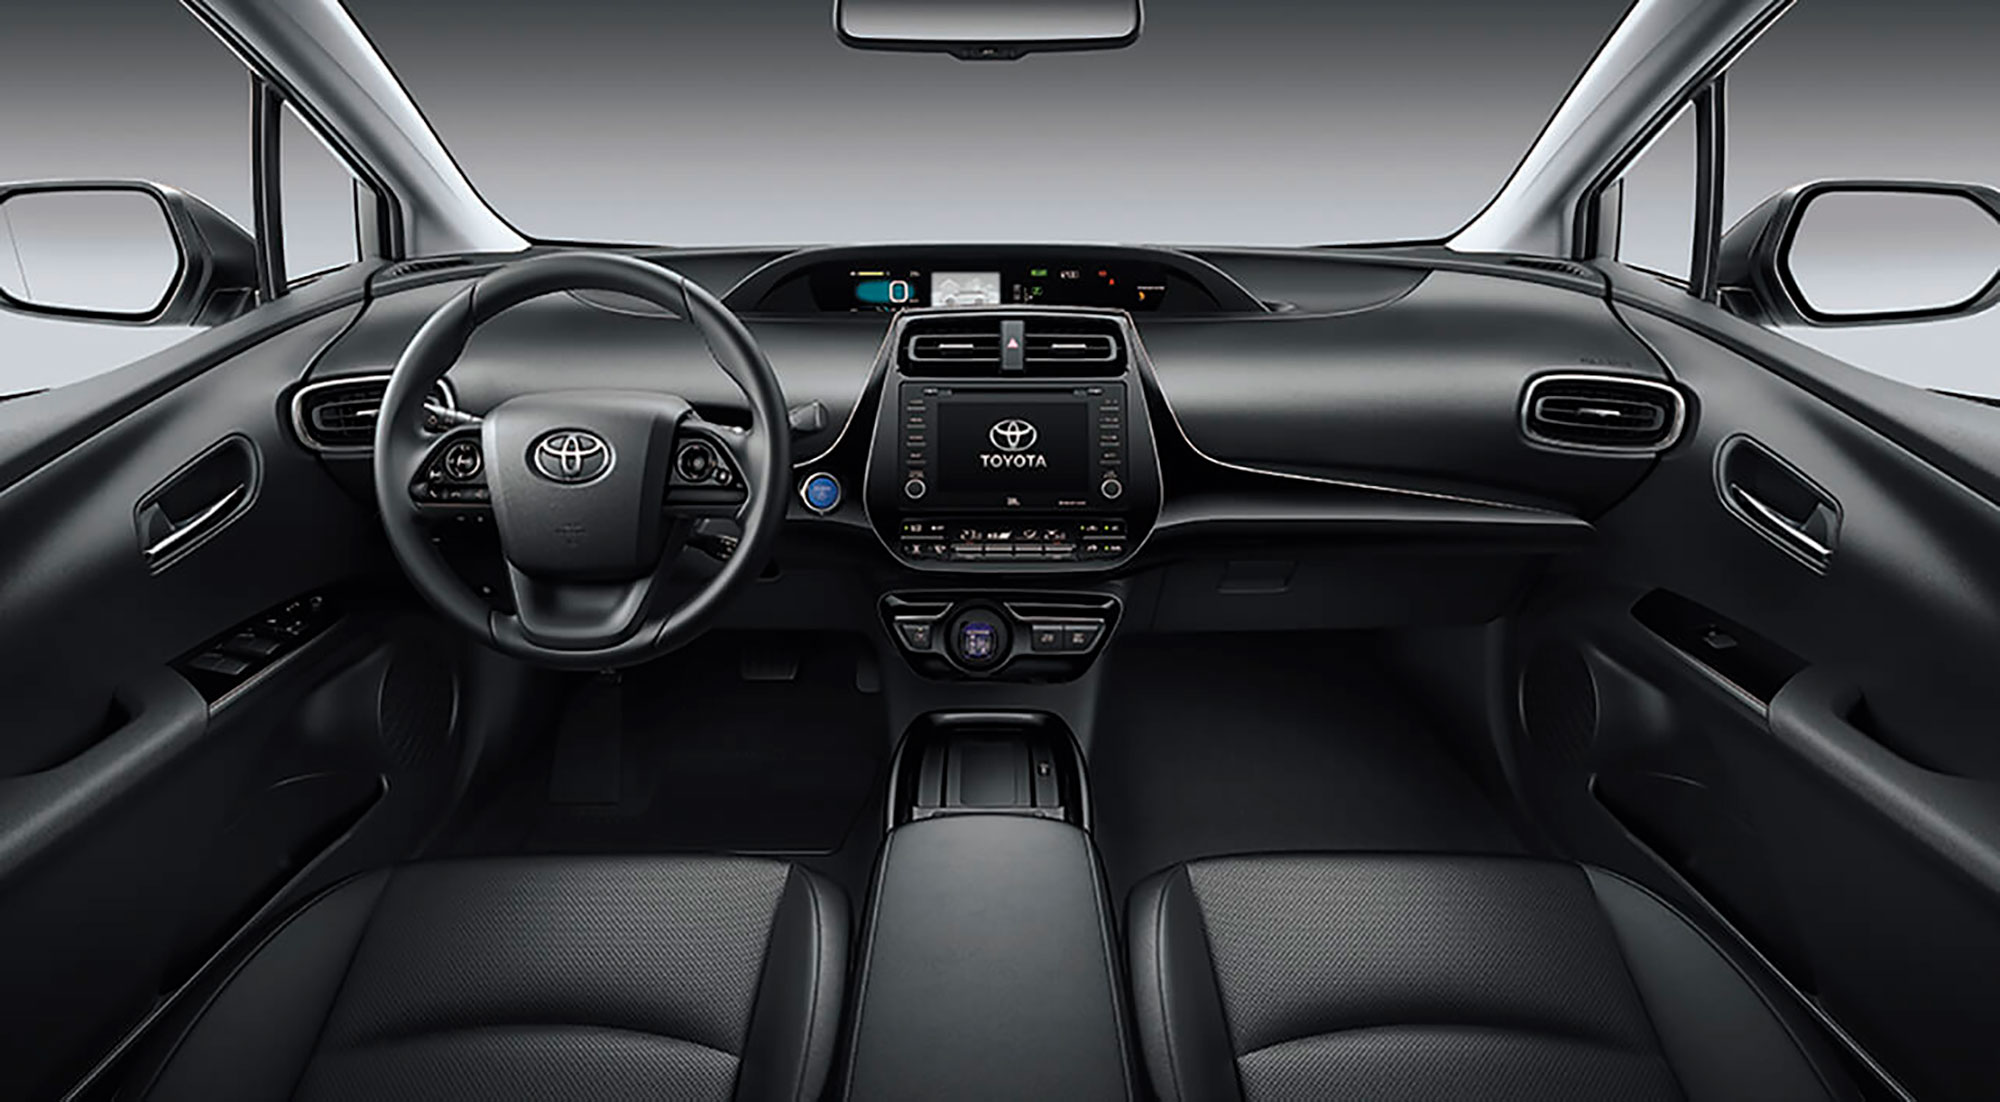 Toyota Prius 2019 - Acabamento em preto no painel